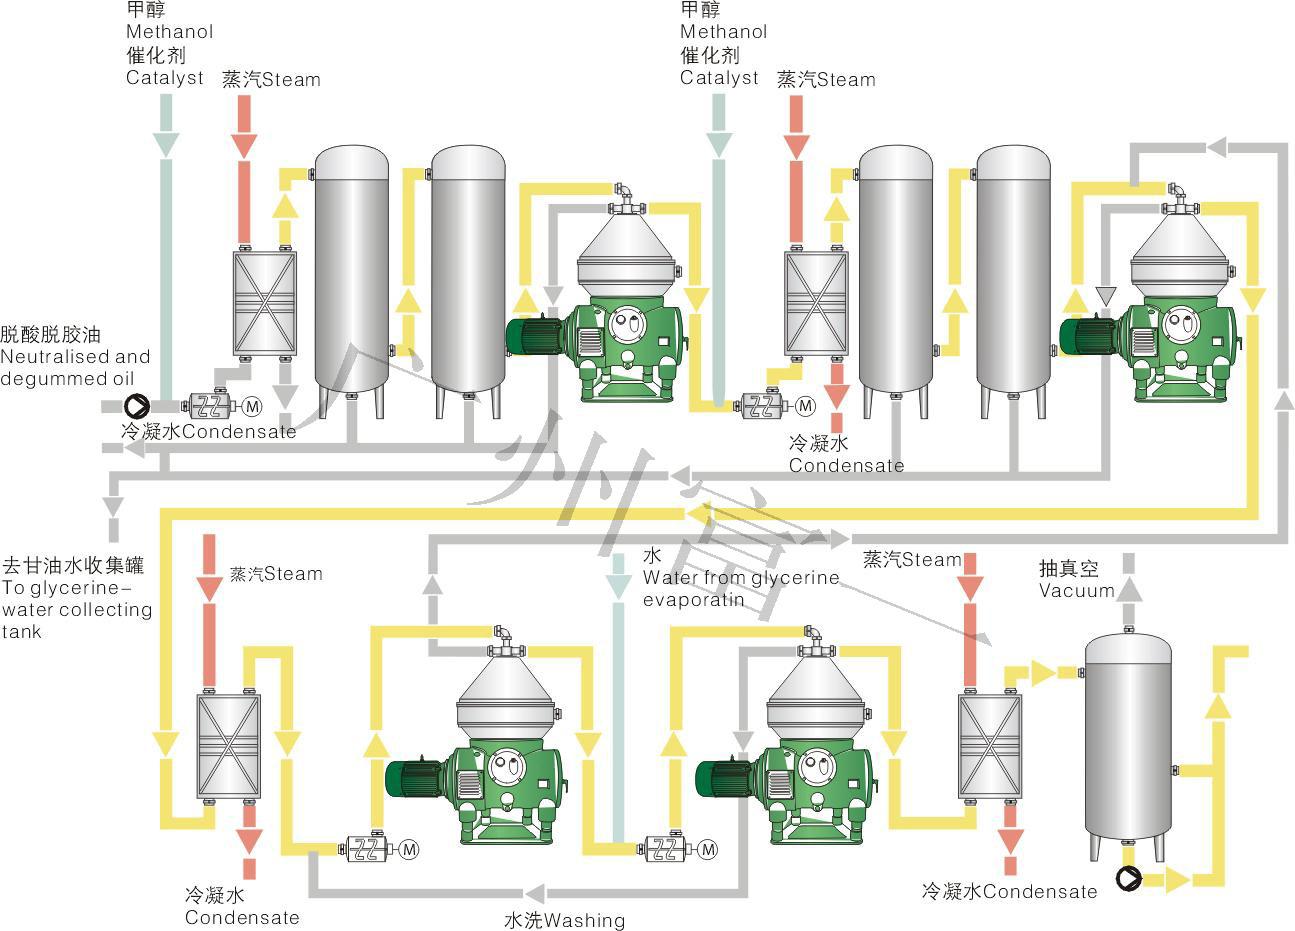 生物柴油工艺流程图-富一阳光